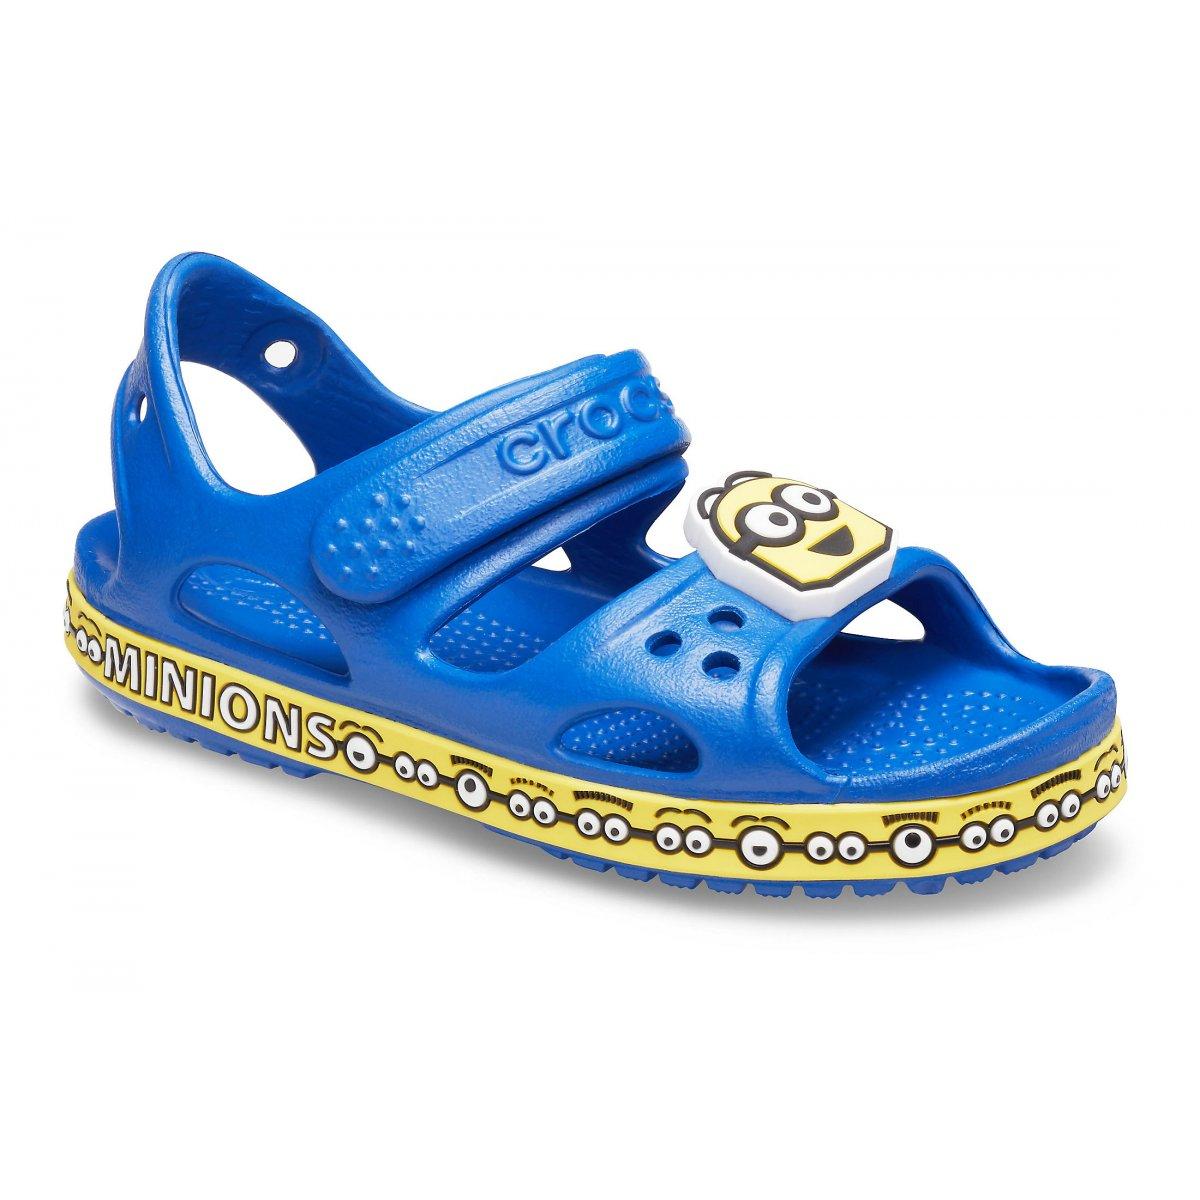 Crocs Minions Sandal...